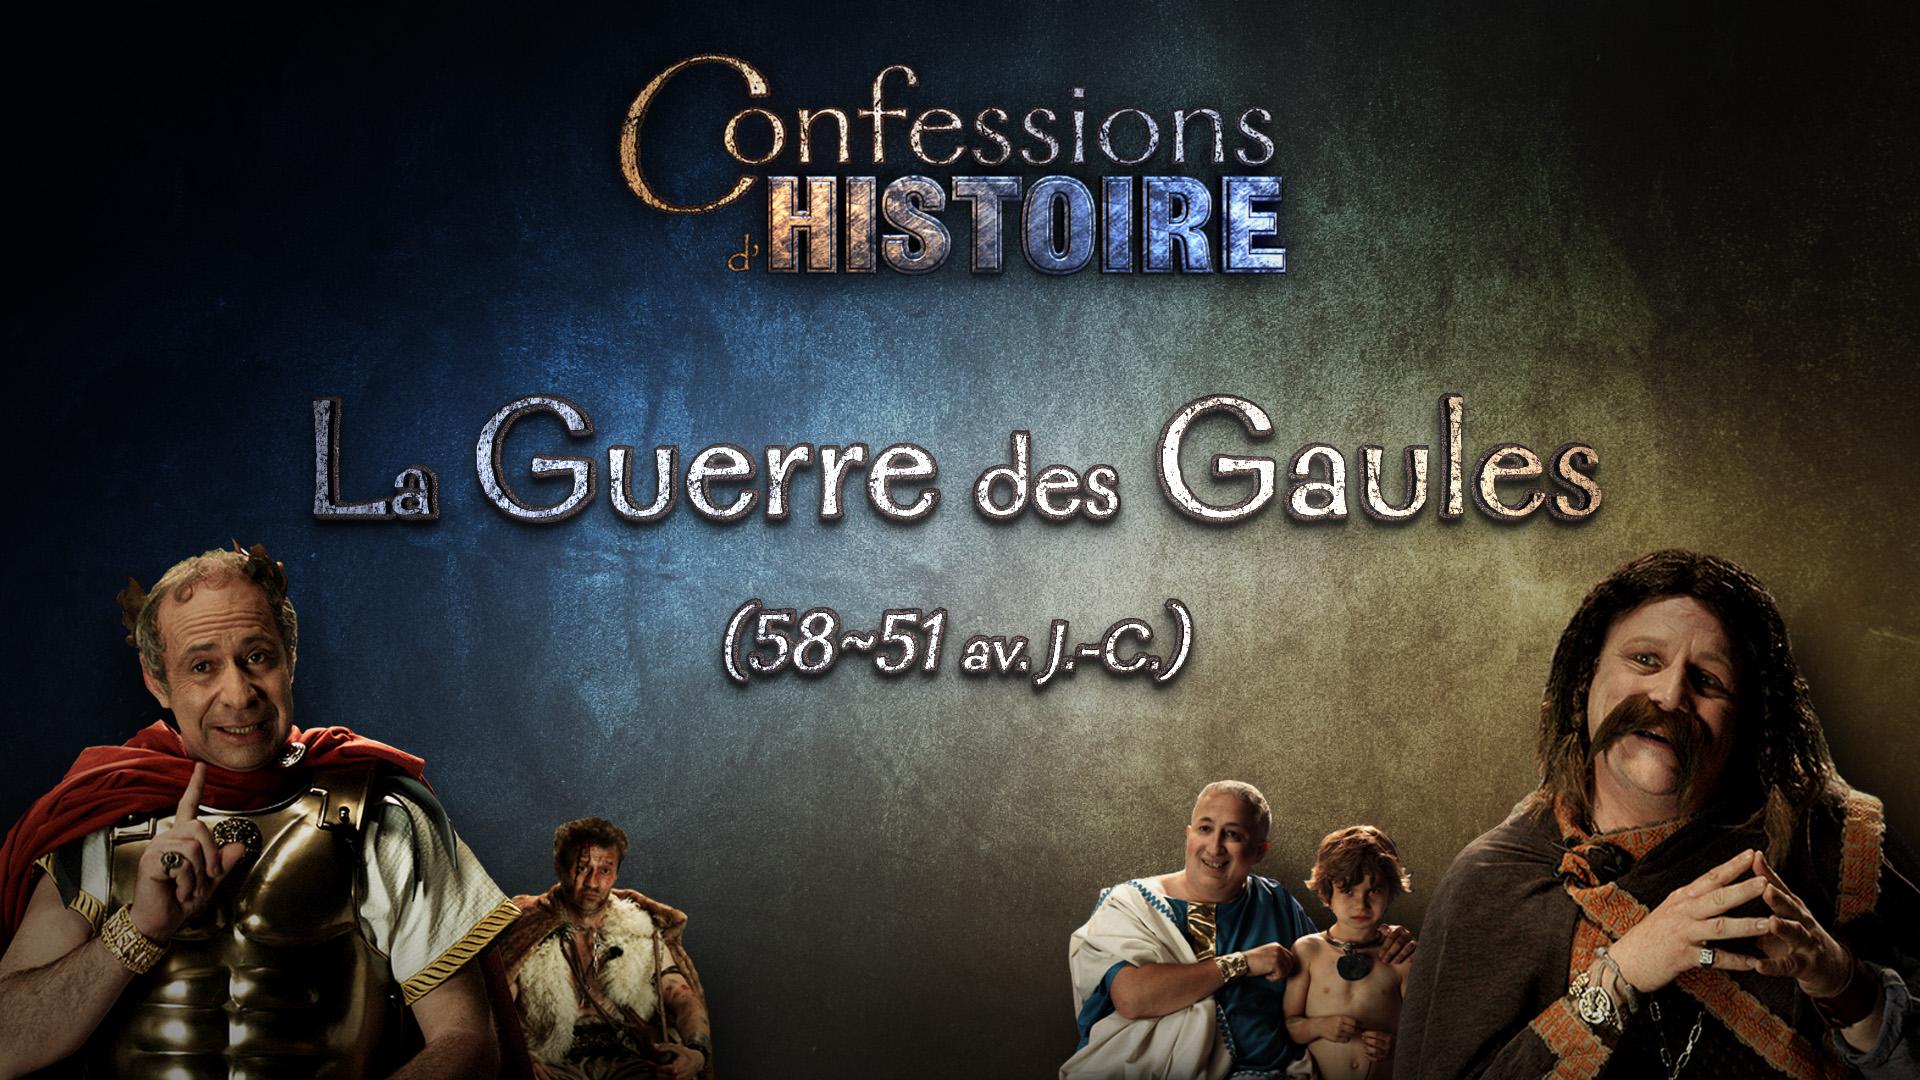 épisode La Guerre des Gaules - Confessions d'Histoire